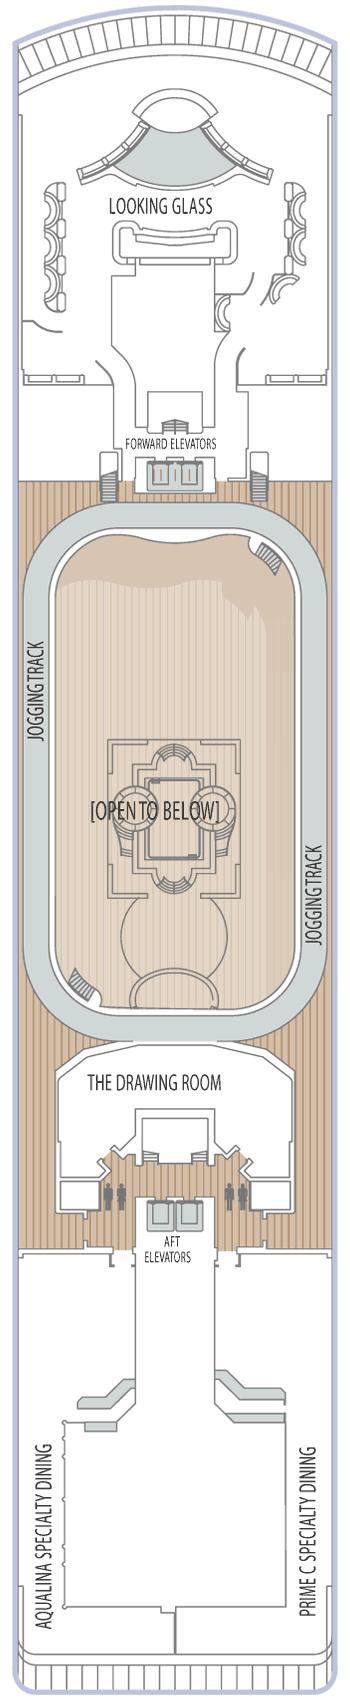 Azamara Journey - Deck 10